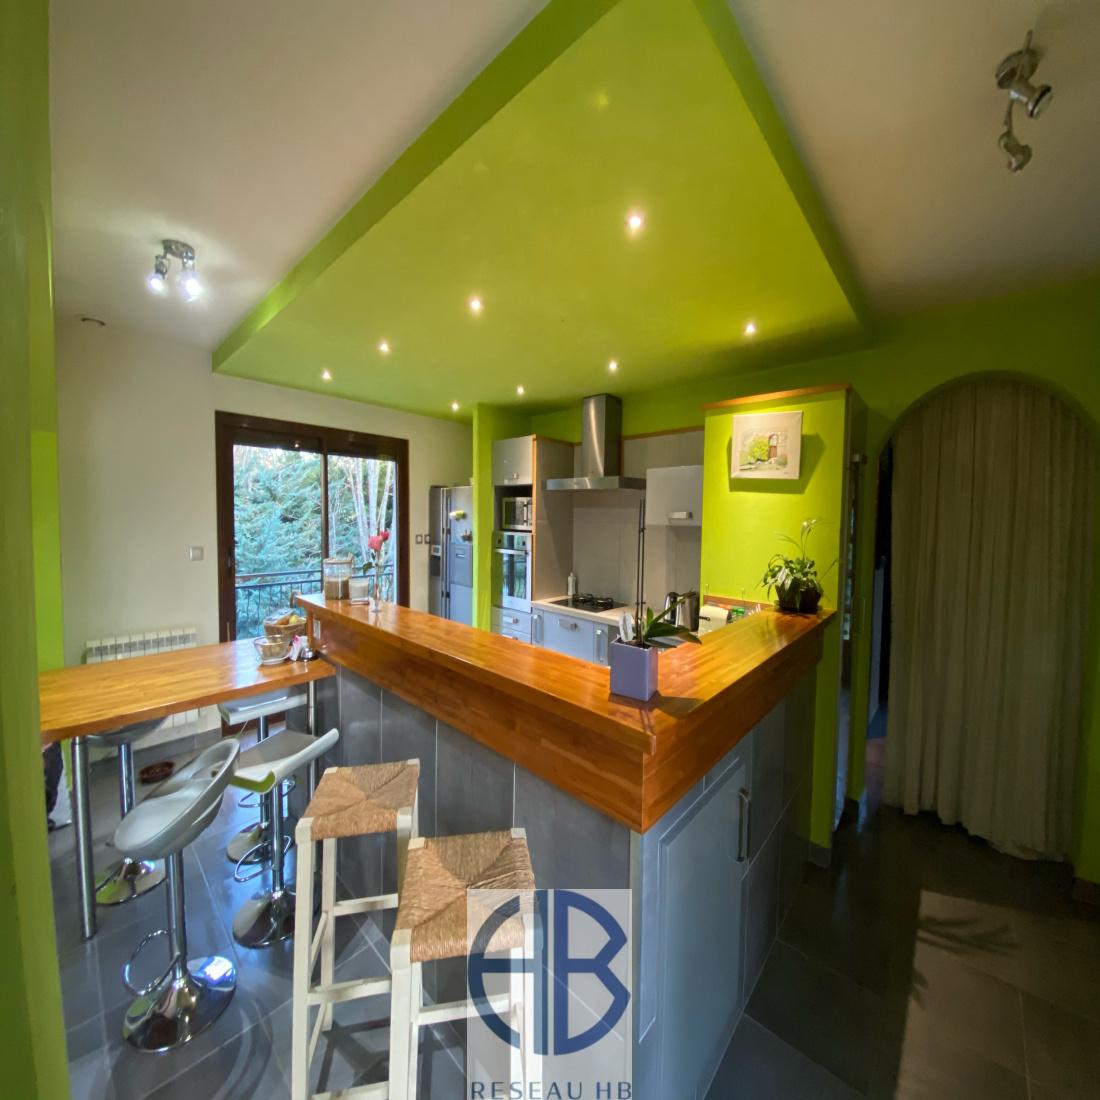 Vente Maison 140m2 De Plain Pied Jardin Piscine 140 M2 Sous Sol Marie Laure Teper Reseau Hb